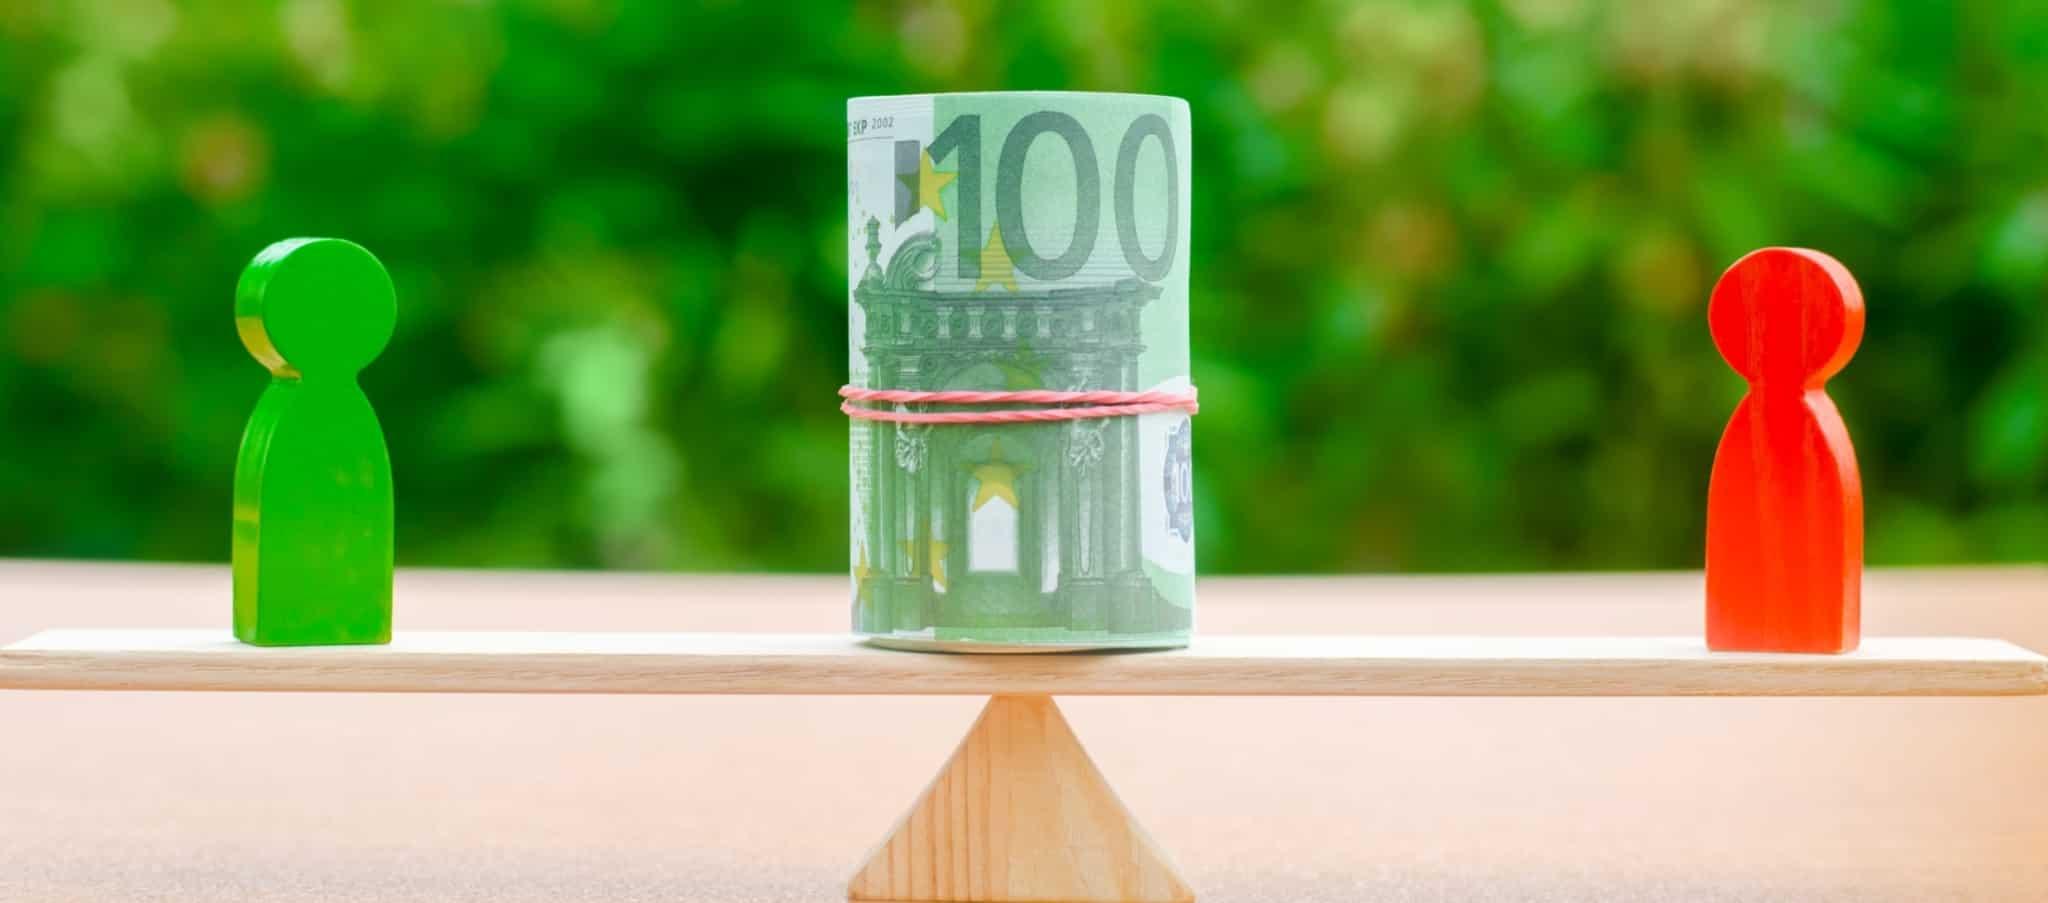 balança de madeira com um rolo de notas de 100 euros e duas figuras em madeira